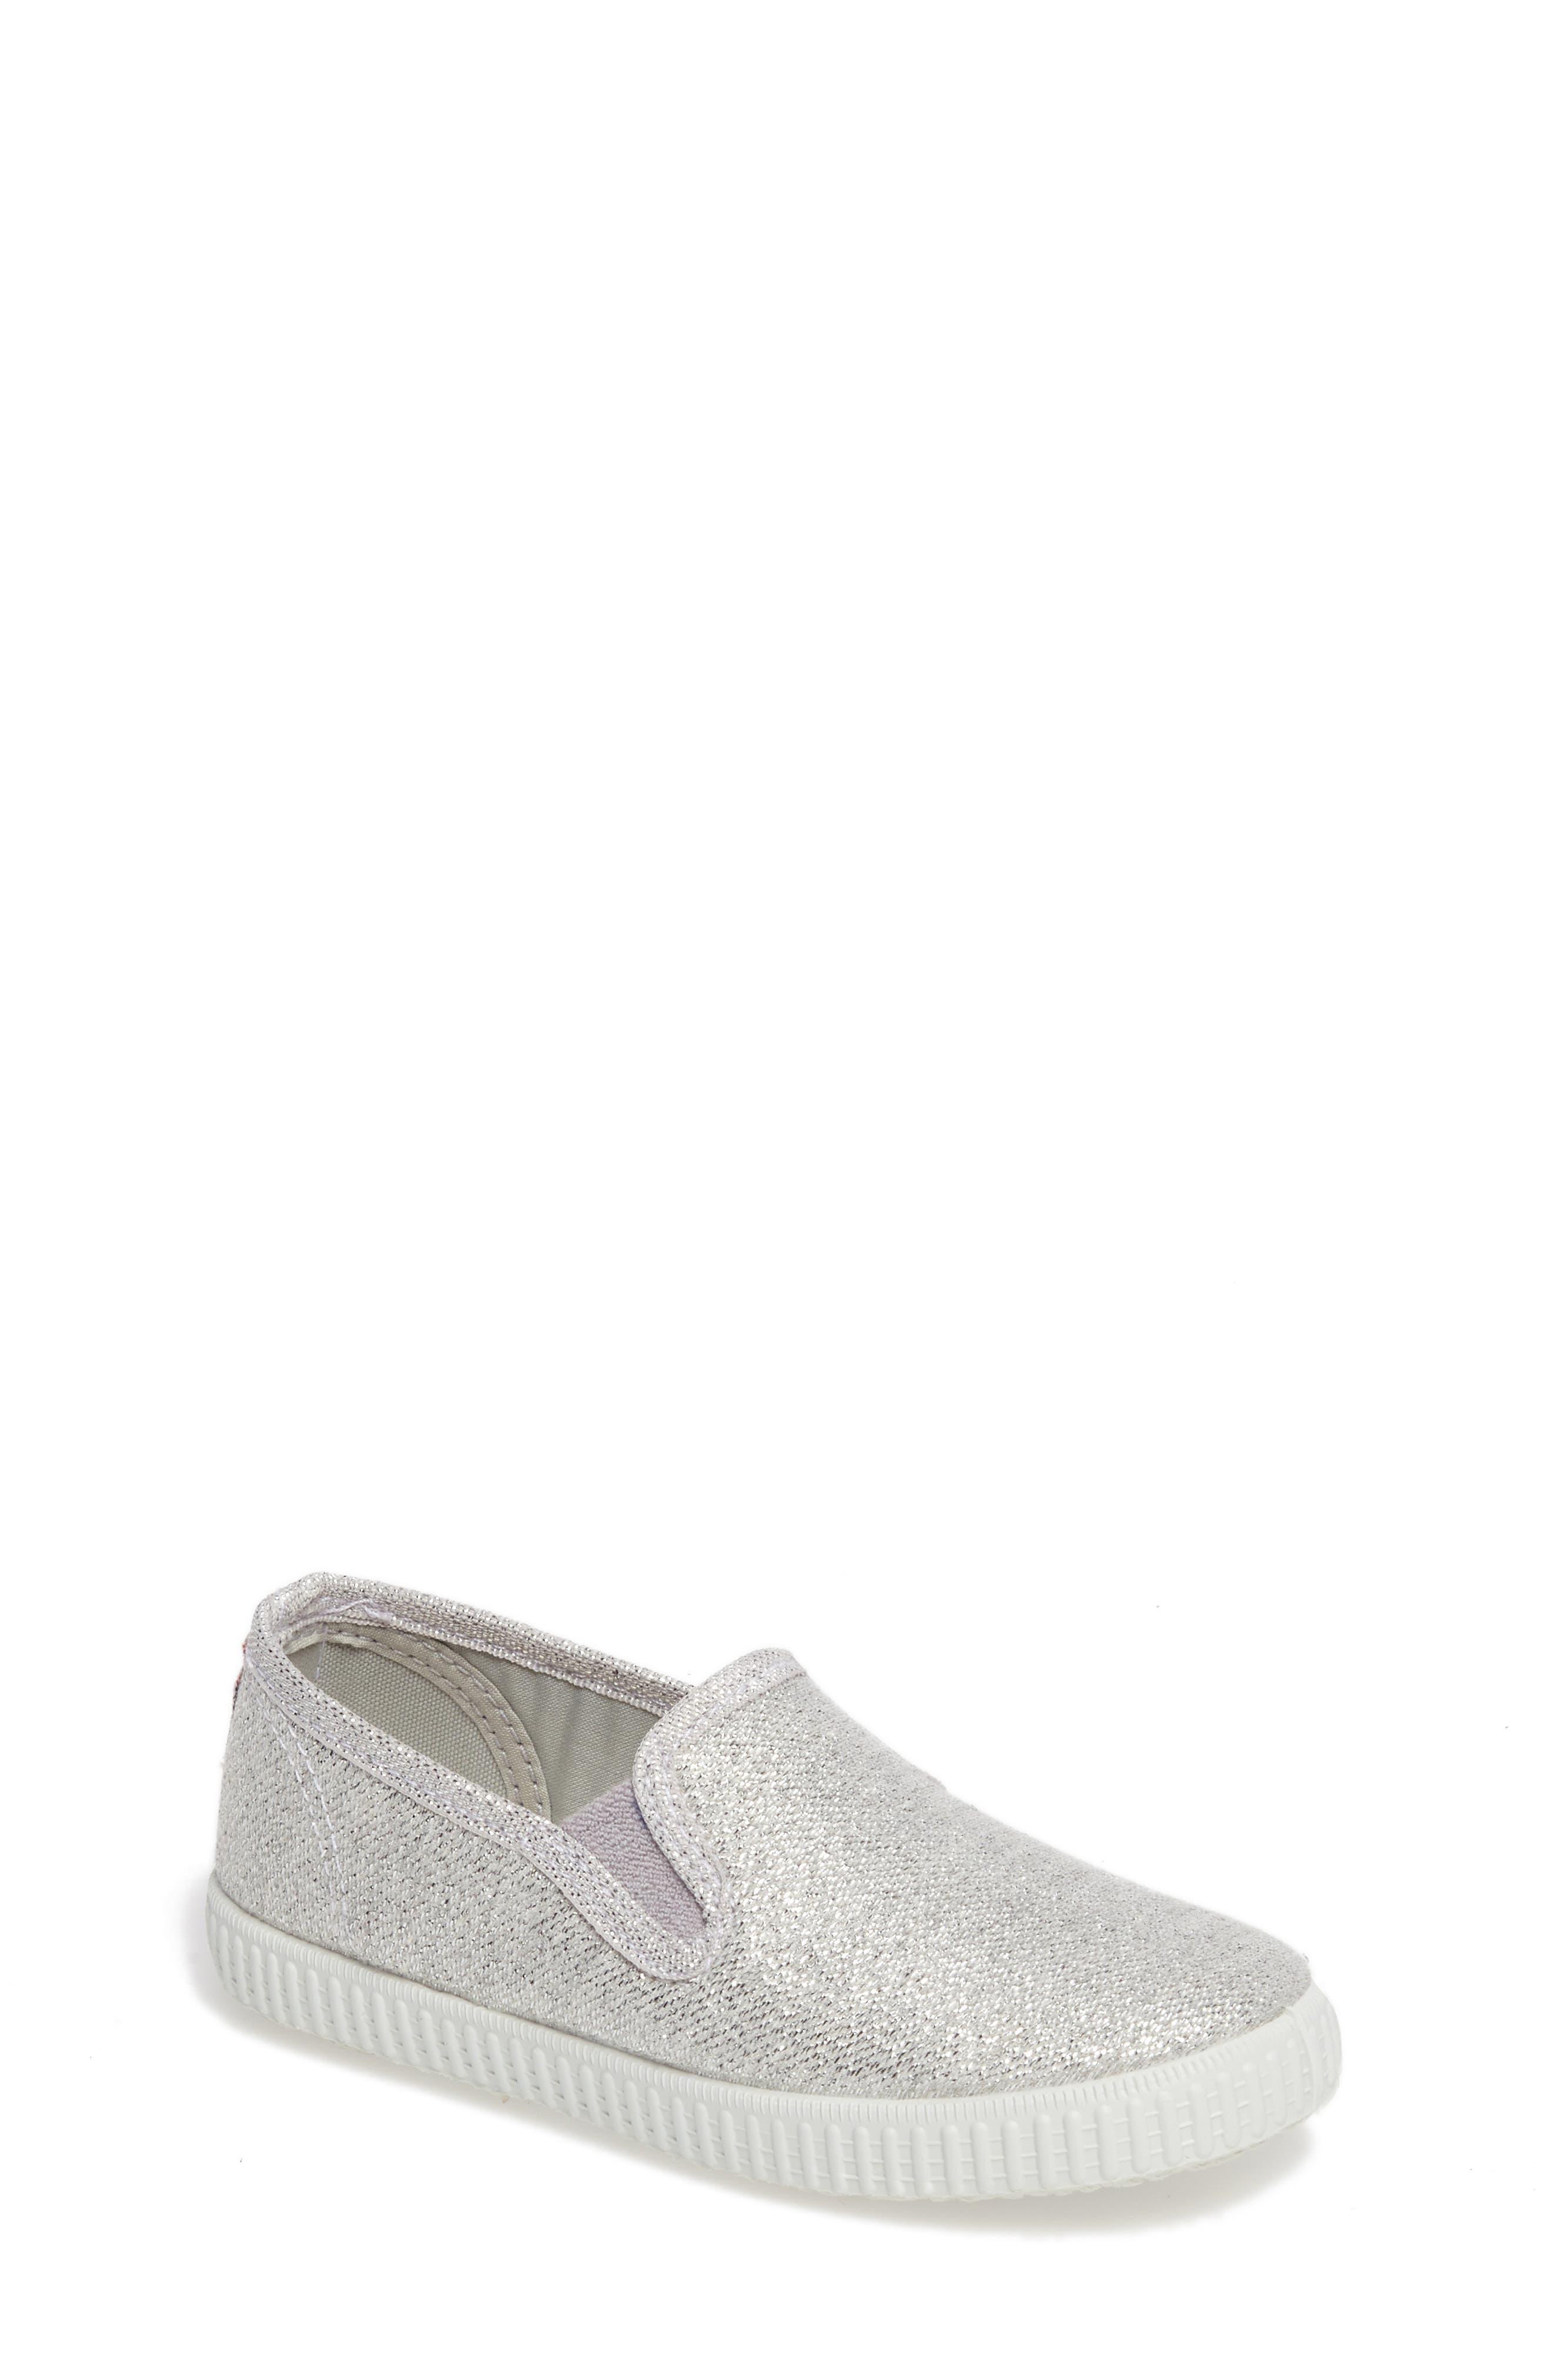 Glitter Slip-On Sneaker,                             Main thumbnail 1, color,                             Silver